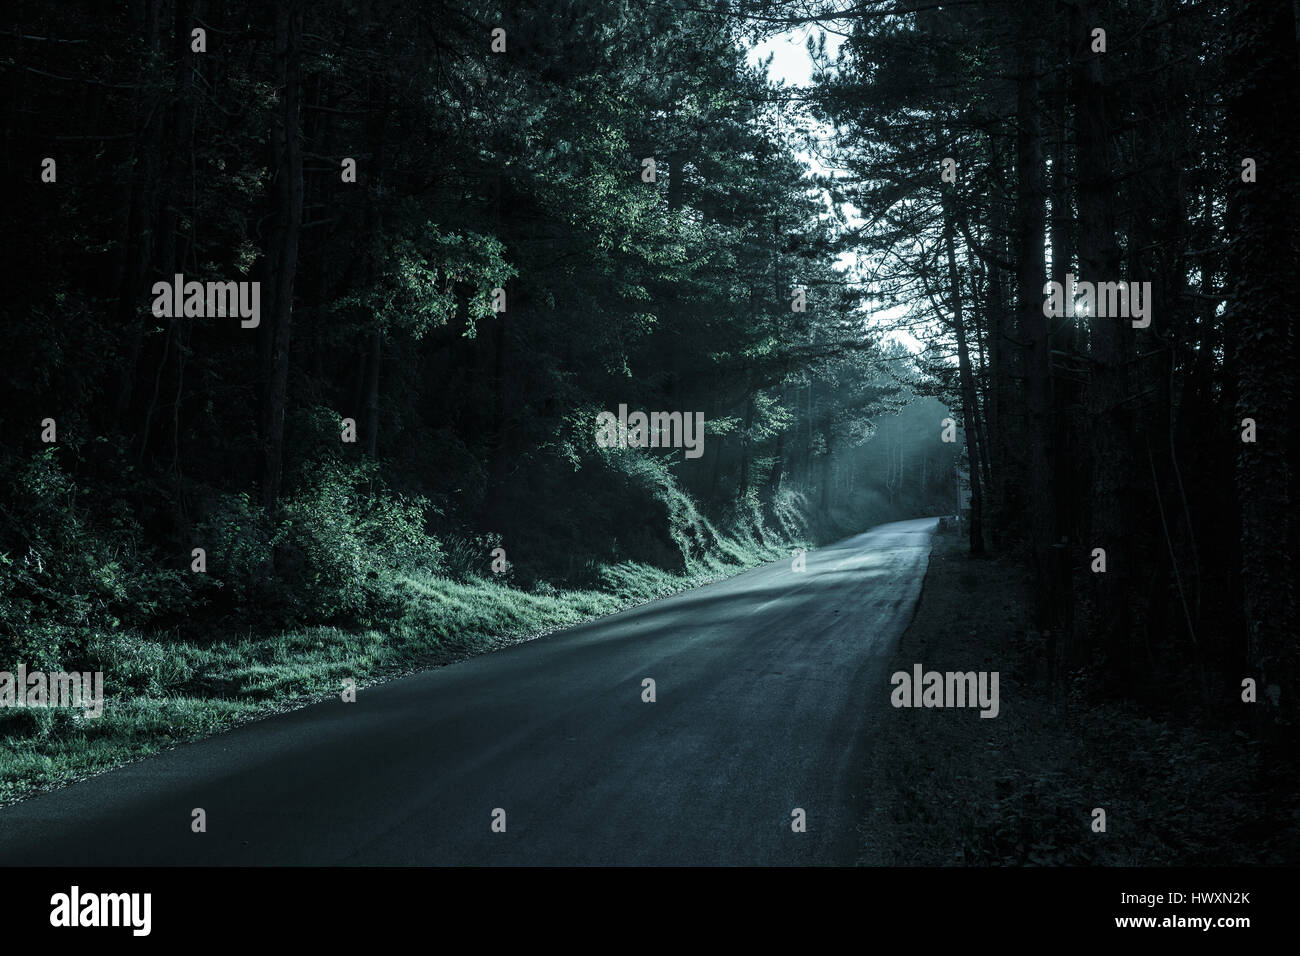 Gespenstisch dunklen Wald mit leeren Straße in fliehendes Licht. Emotionale, gotischen Hintergrund, unheimliche Stockbild